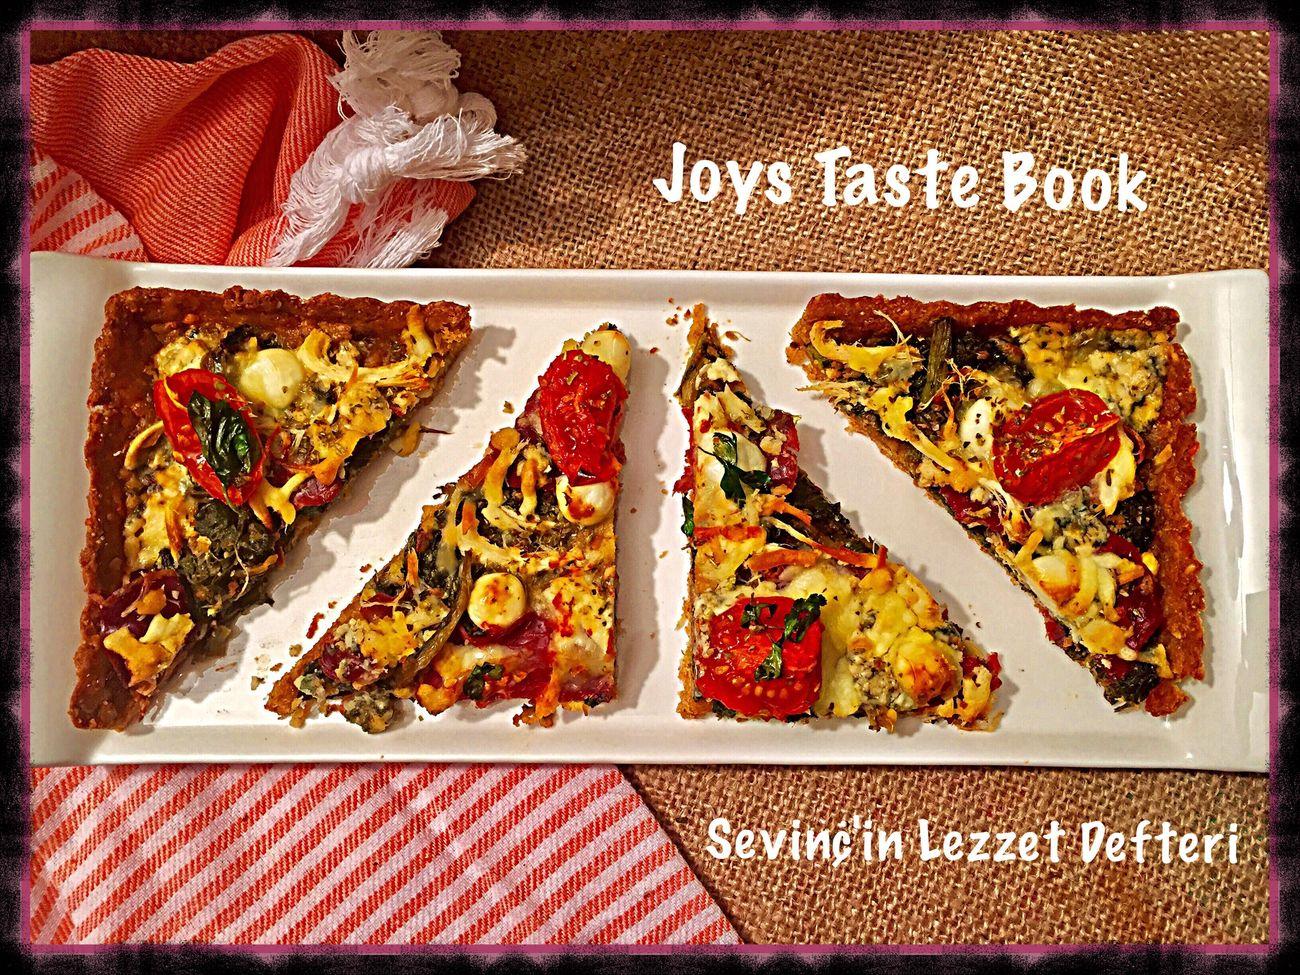 Bu tartlar damaklarda iz bırakır😍👍🏿 Food Tart JoysTasteBook SevinçinLezzetDefteri SevinçYiğitArabacı